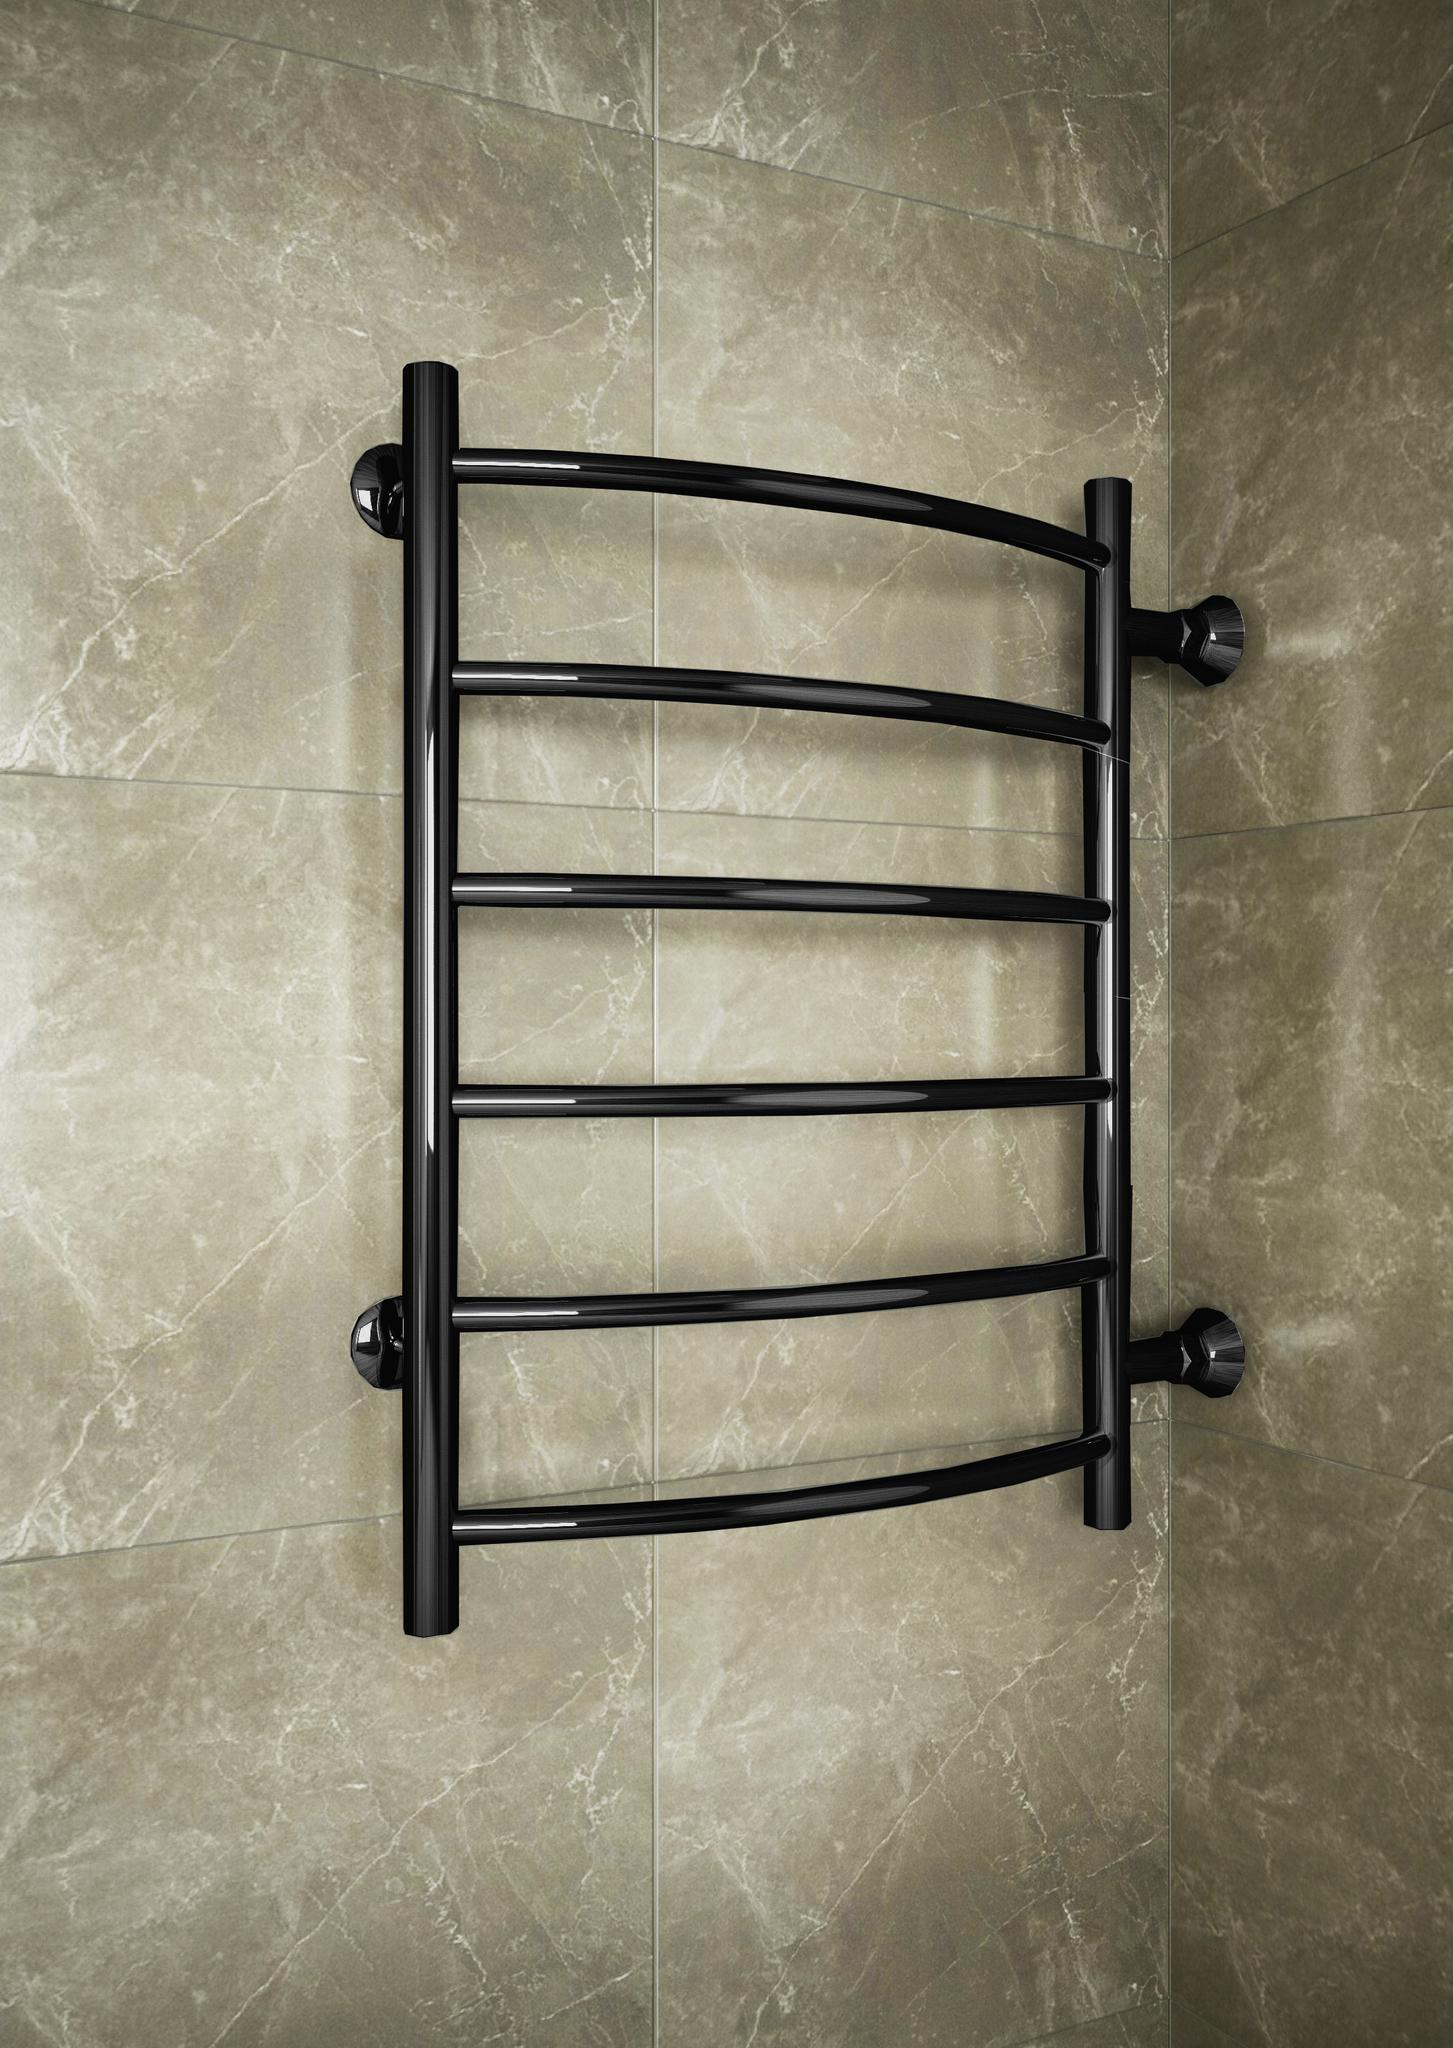 Classic - водяной полотенцесушитель с боковым подключением черного цвета.